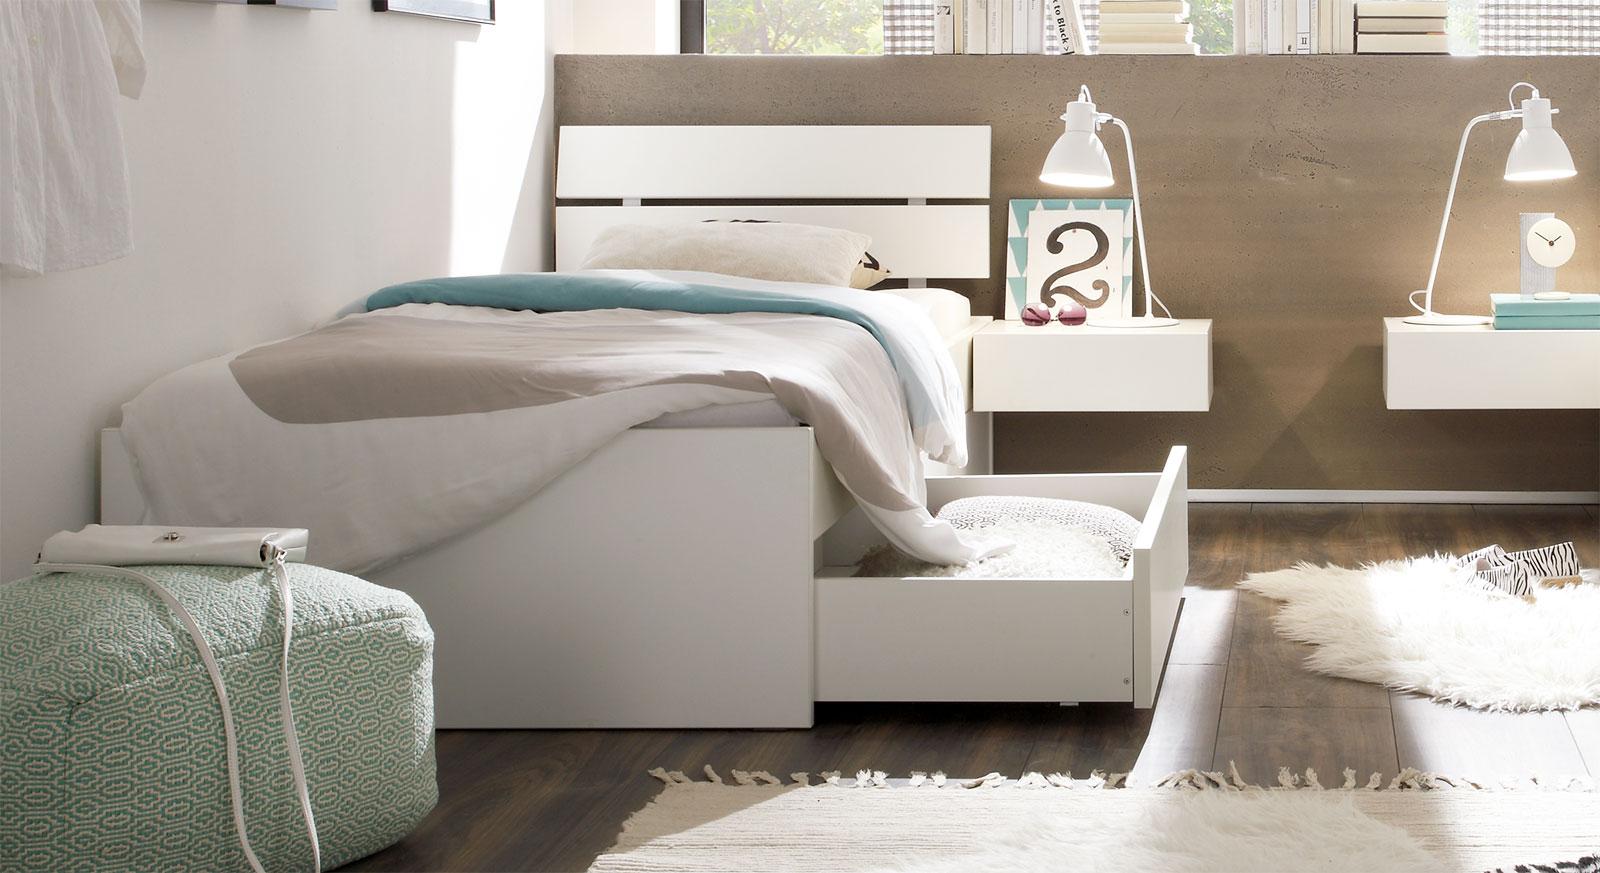 Full Size of Bett Weiß 100x200 Einzelbett In Zb Cm Mit Schubladen Wei Mocuba Inkontinenzeinlagen Rattan Prinzessin Betten Für übergewichtige Nolte Holz 1 40x2 00 Weißes Bett Bett Weiß 100x200